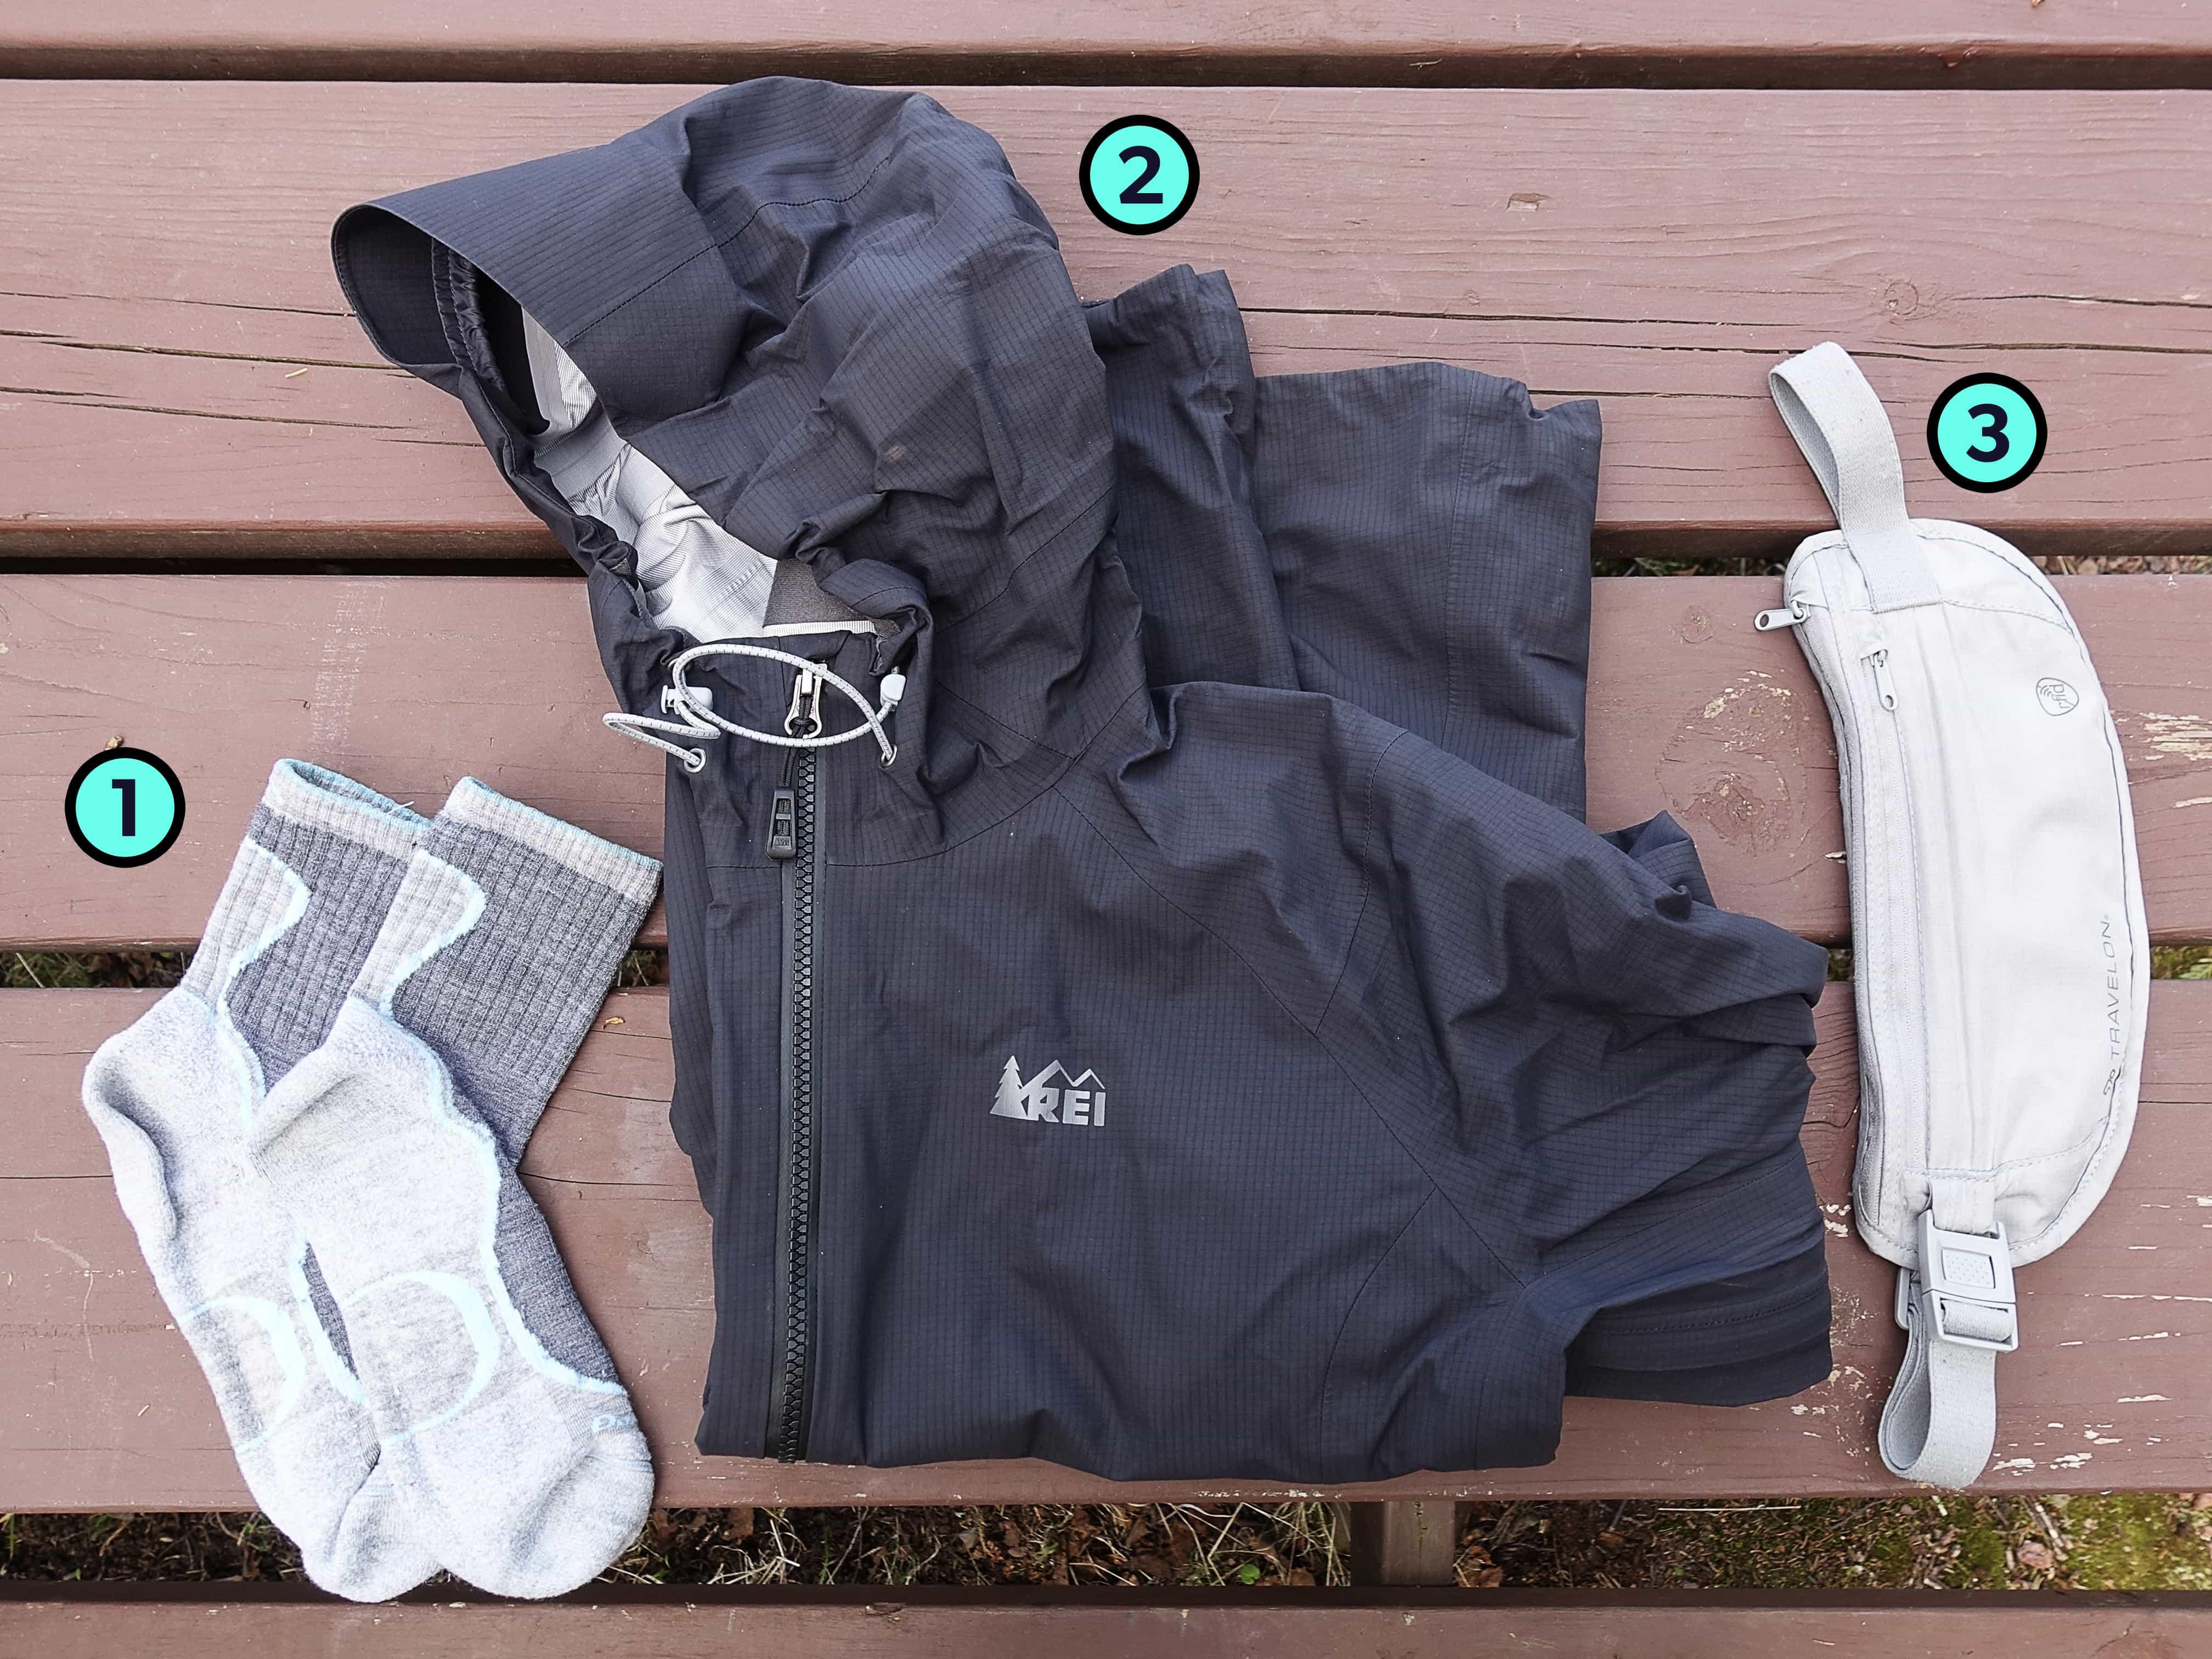 Heidi's Trusty Three Travel Gear Items